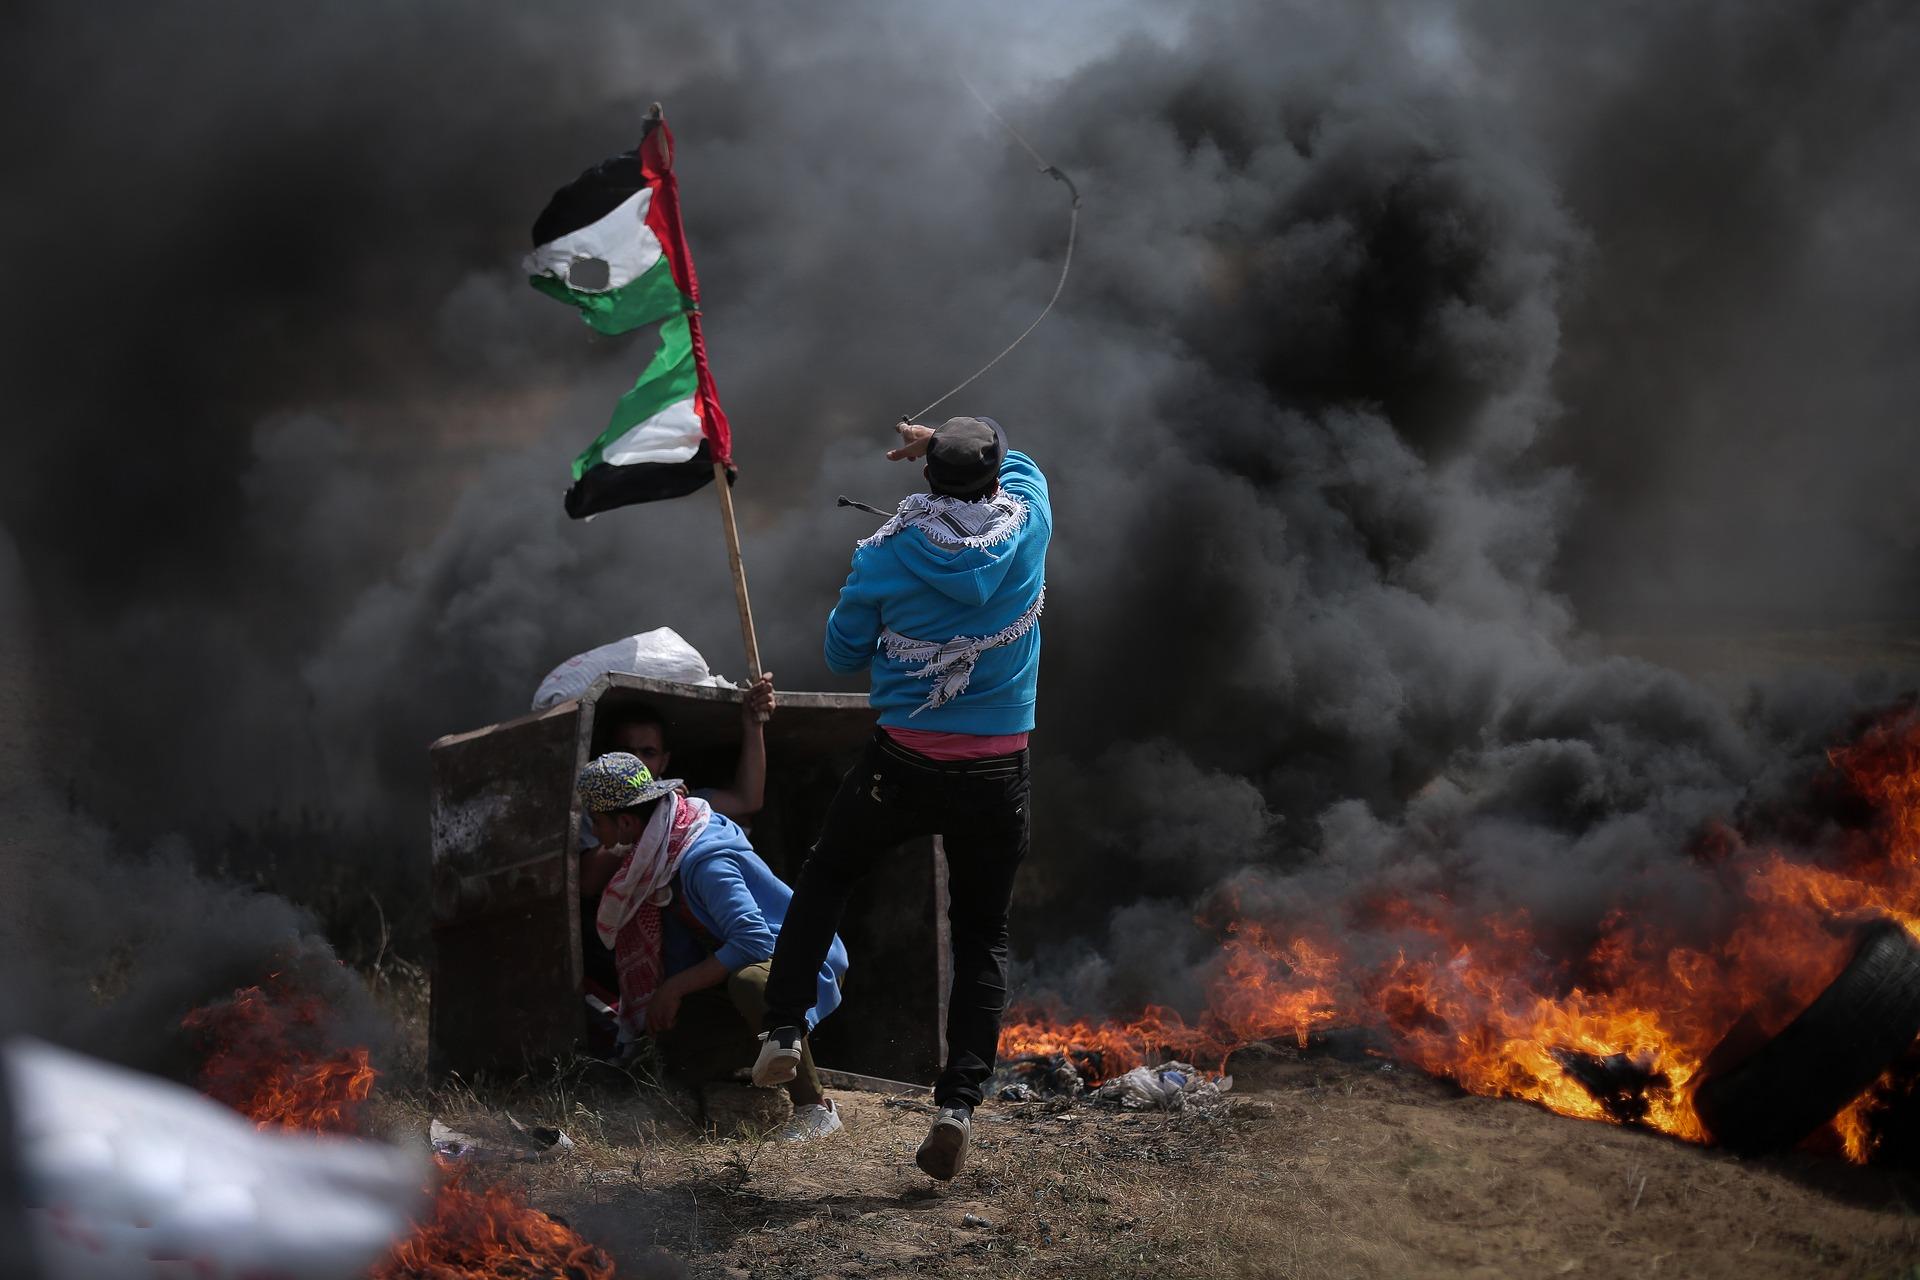 En réponse à une cyberattaque du Hamas, Israël aurait riposté par un bombardement ciblé